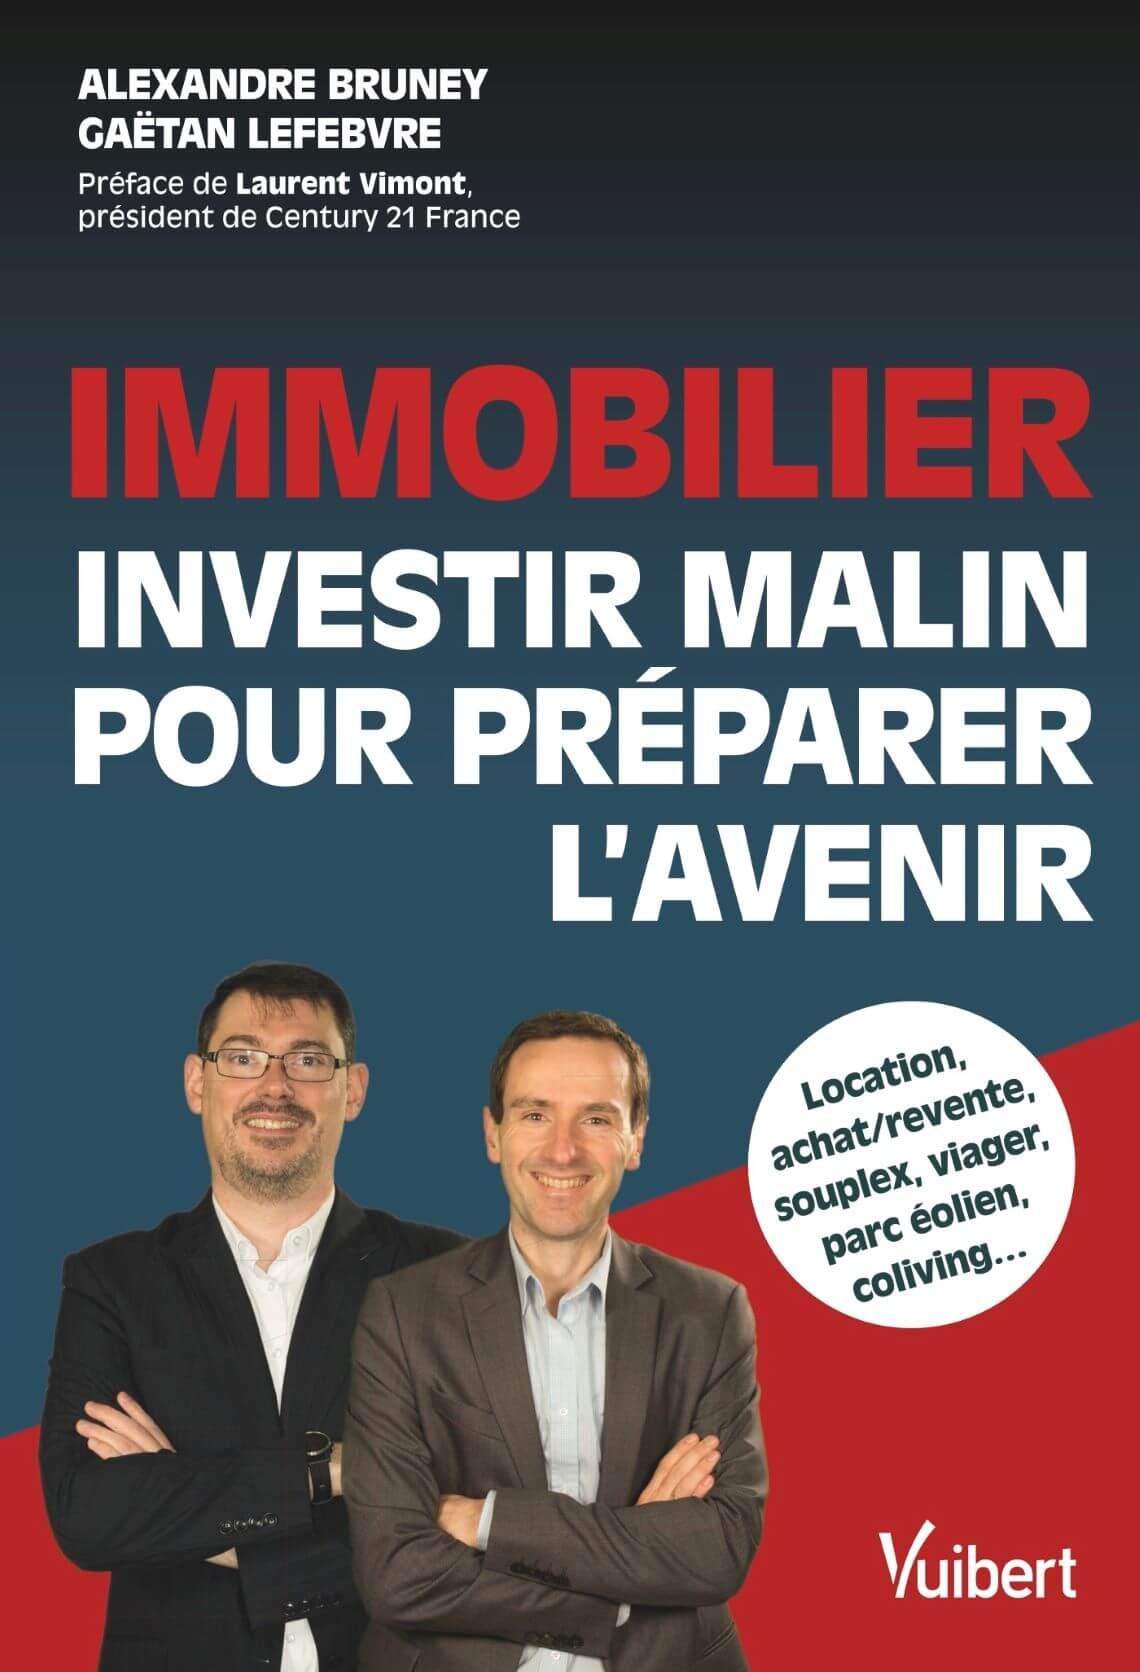 Couverture de Immobilier : investir malin pour préparer l'avenir, Alexandre Bruney et Gaëtan Lefebvre, éditions Vuibert, mars 2021